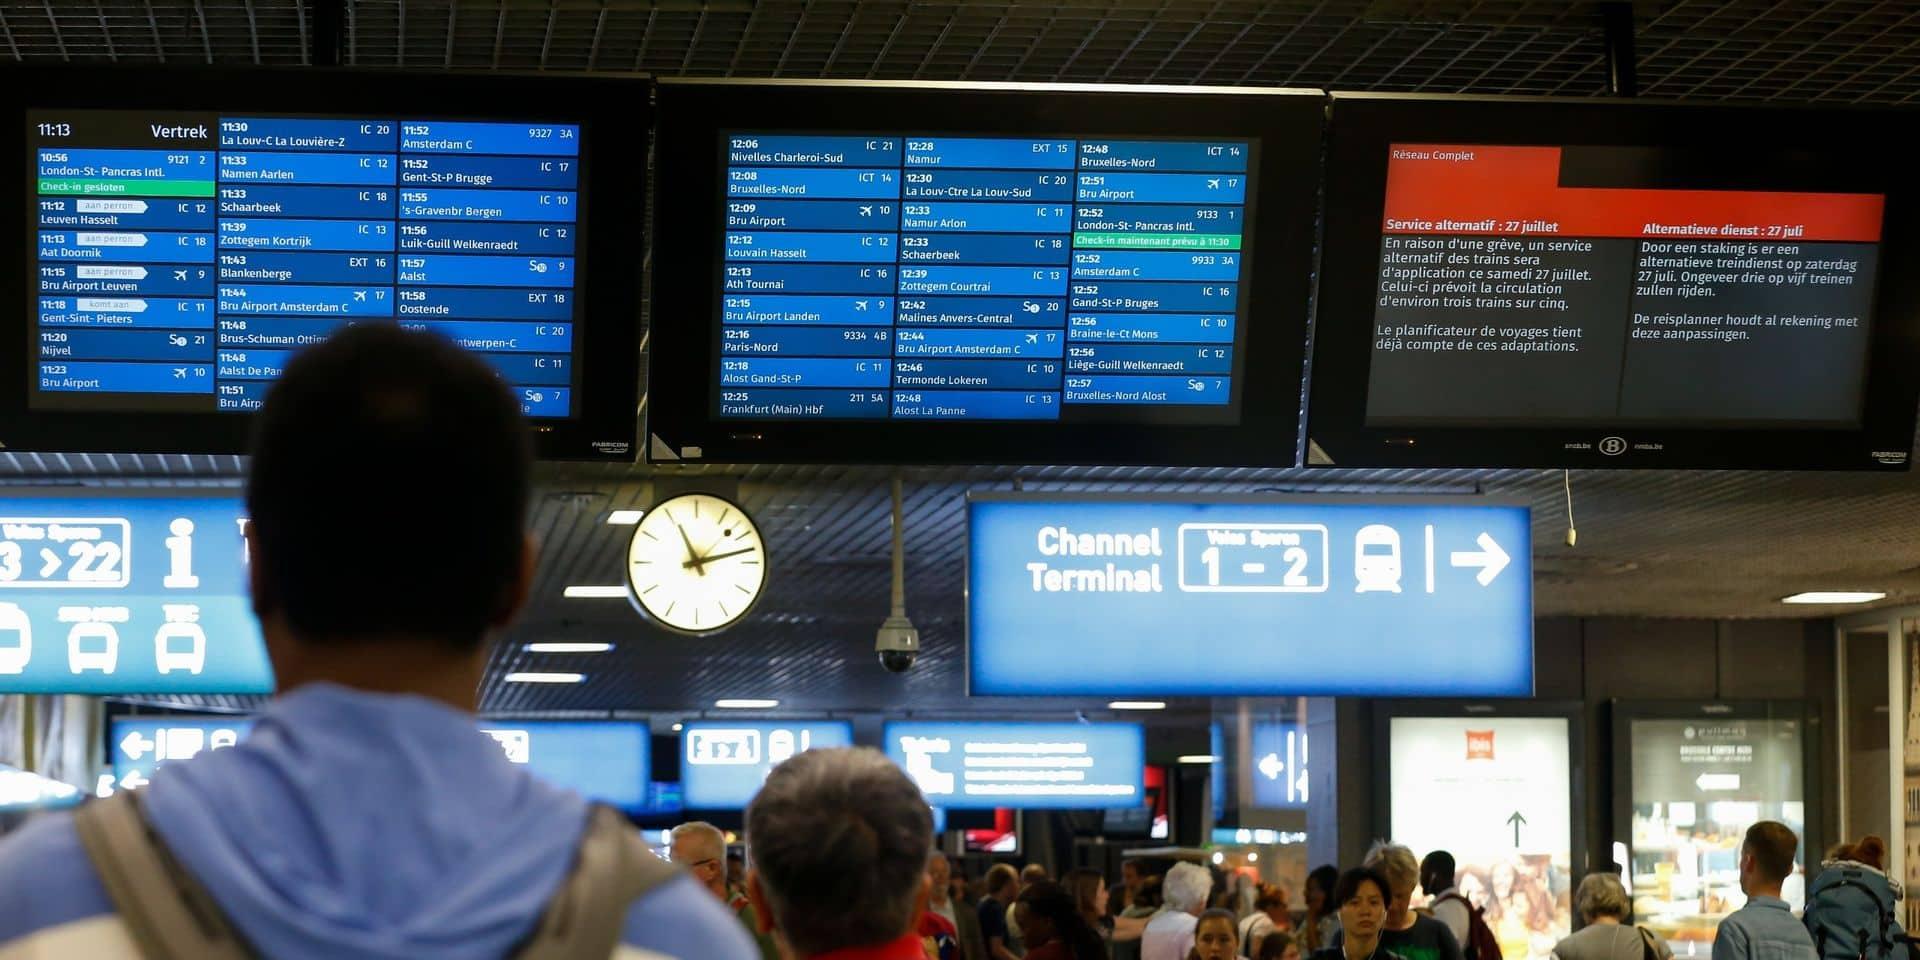 La ponctualité des trains s'élève à 90,4% pour l'année 2019, un record depuis 2015